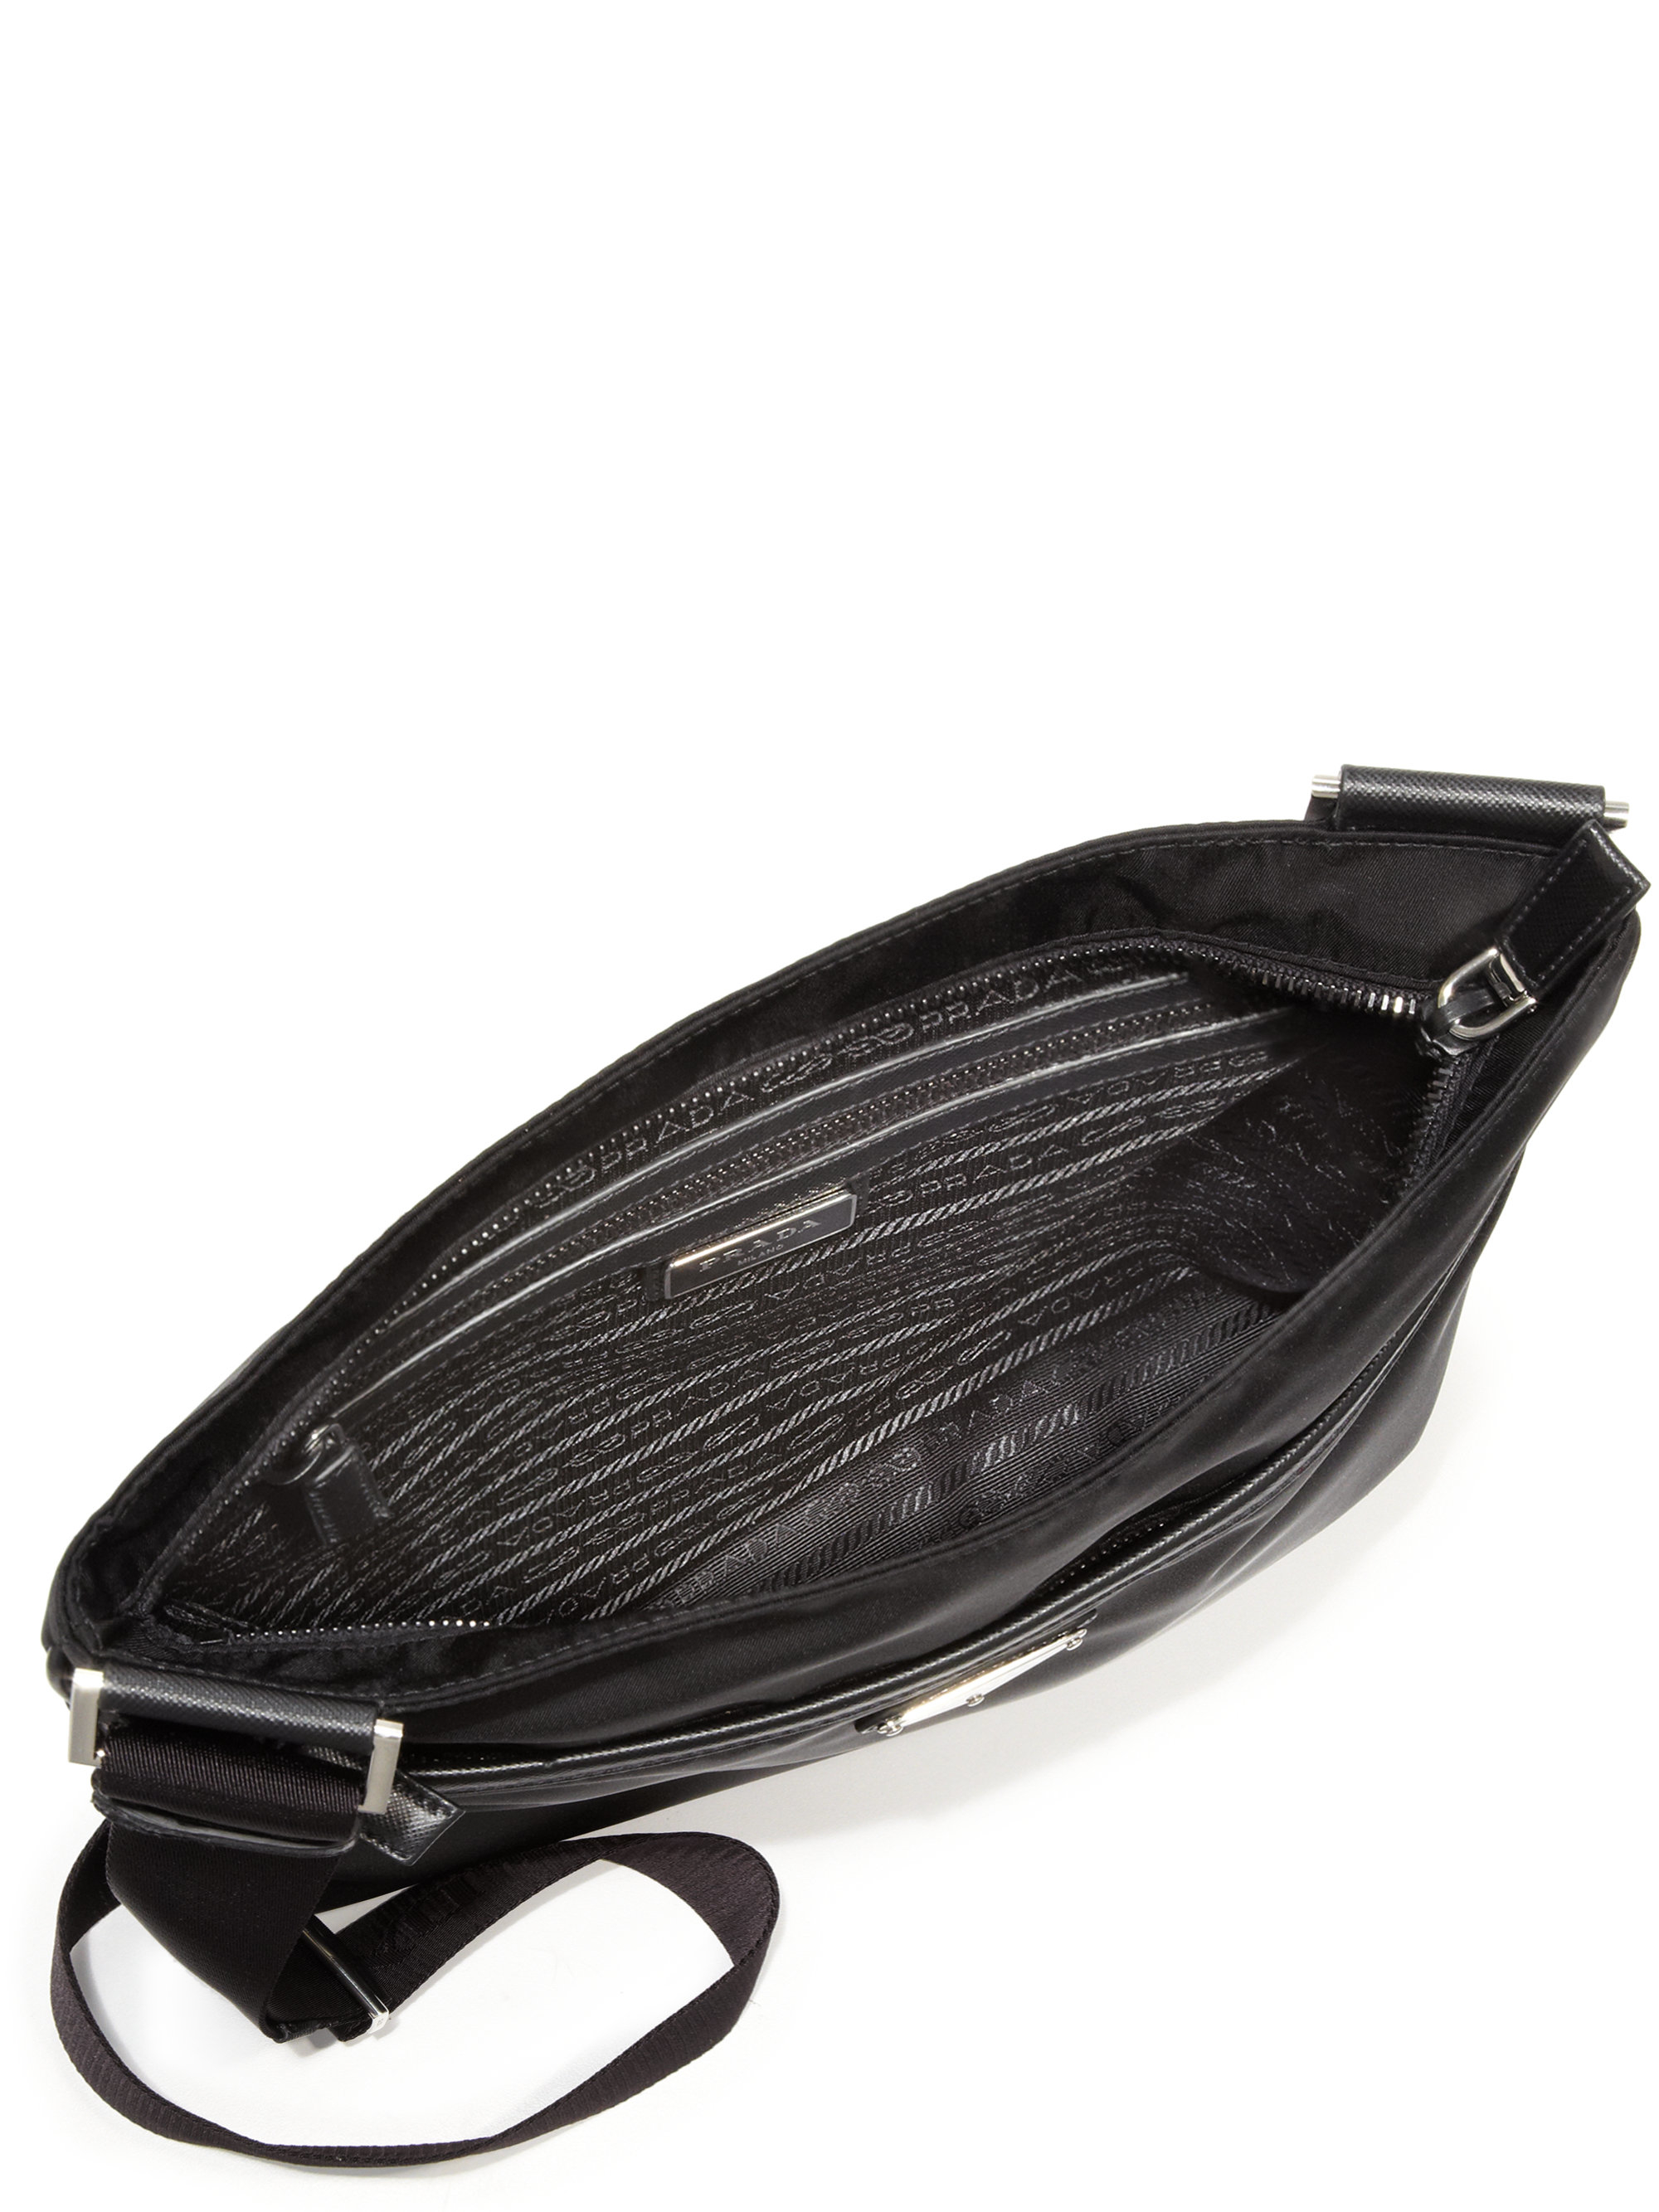 0a2e18879a9 50% off black and white prada bag prada bandoliera shoulder bag in black  for men